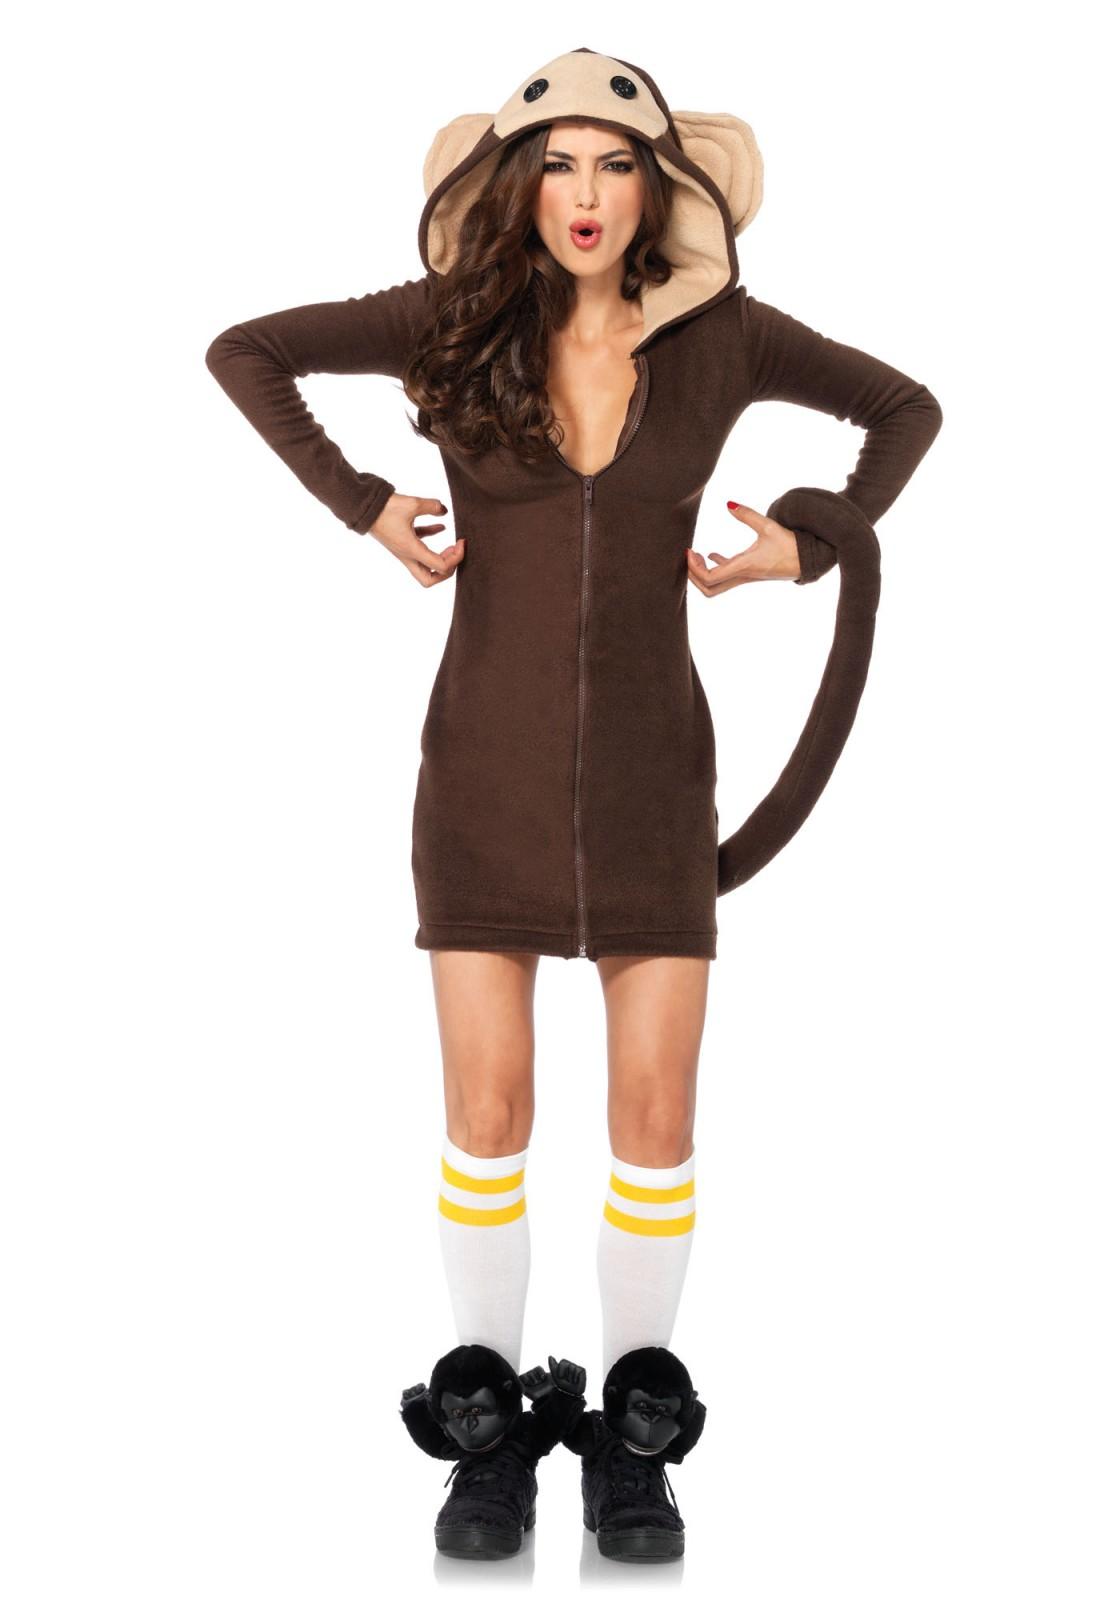 Costume de singe